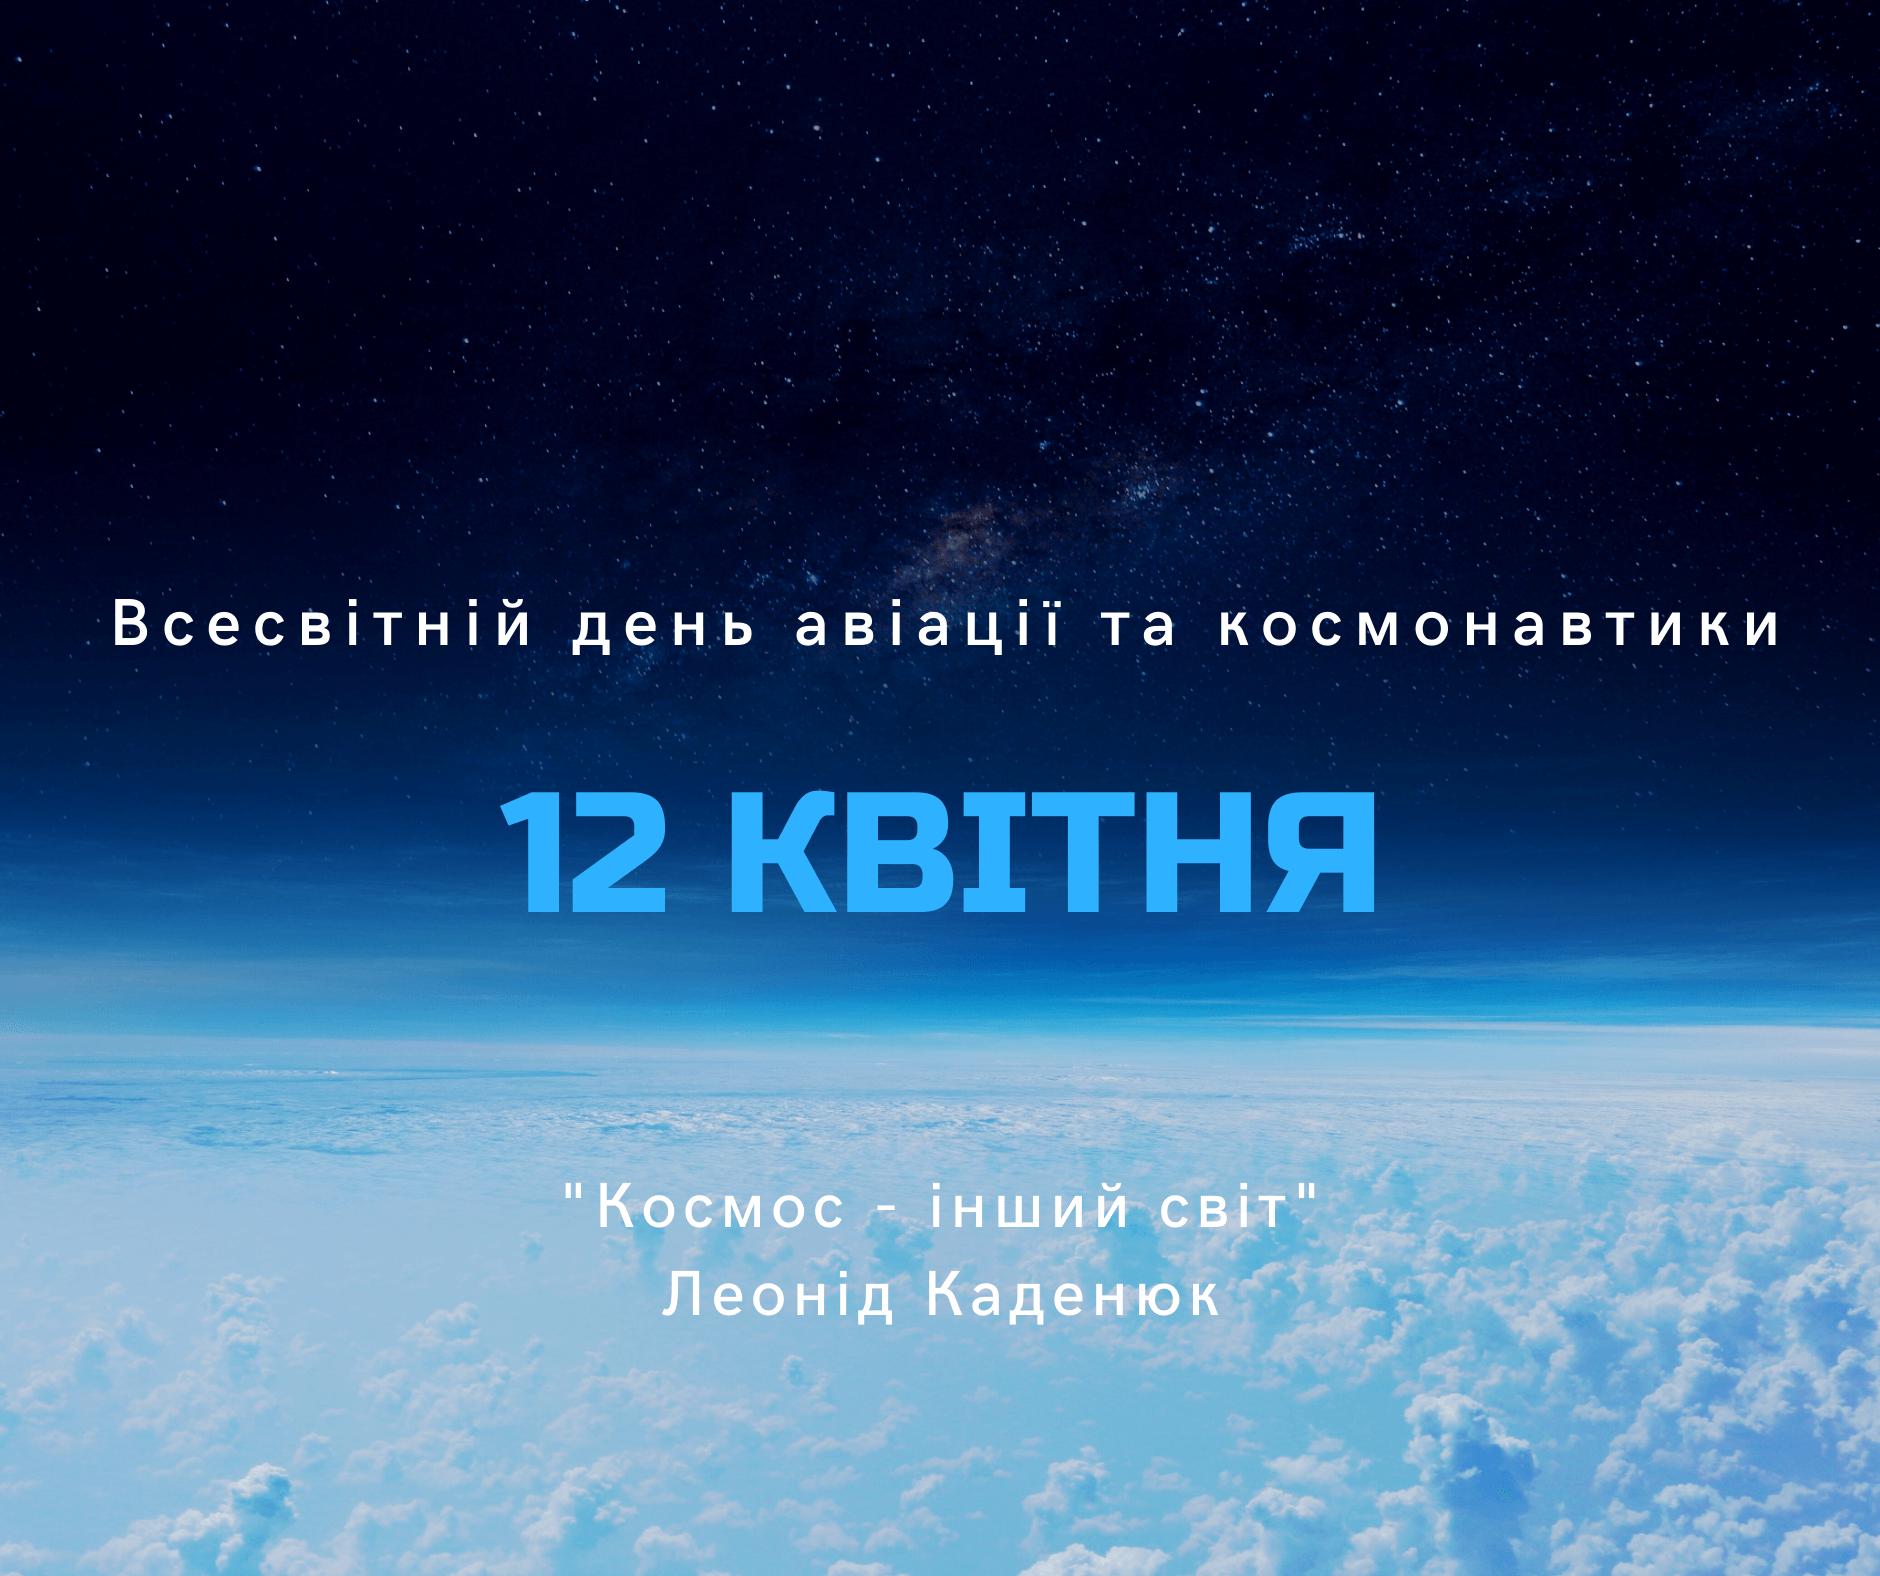 Открытка в День авиации и космонавтики